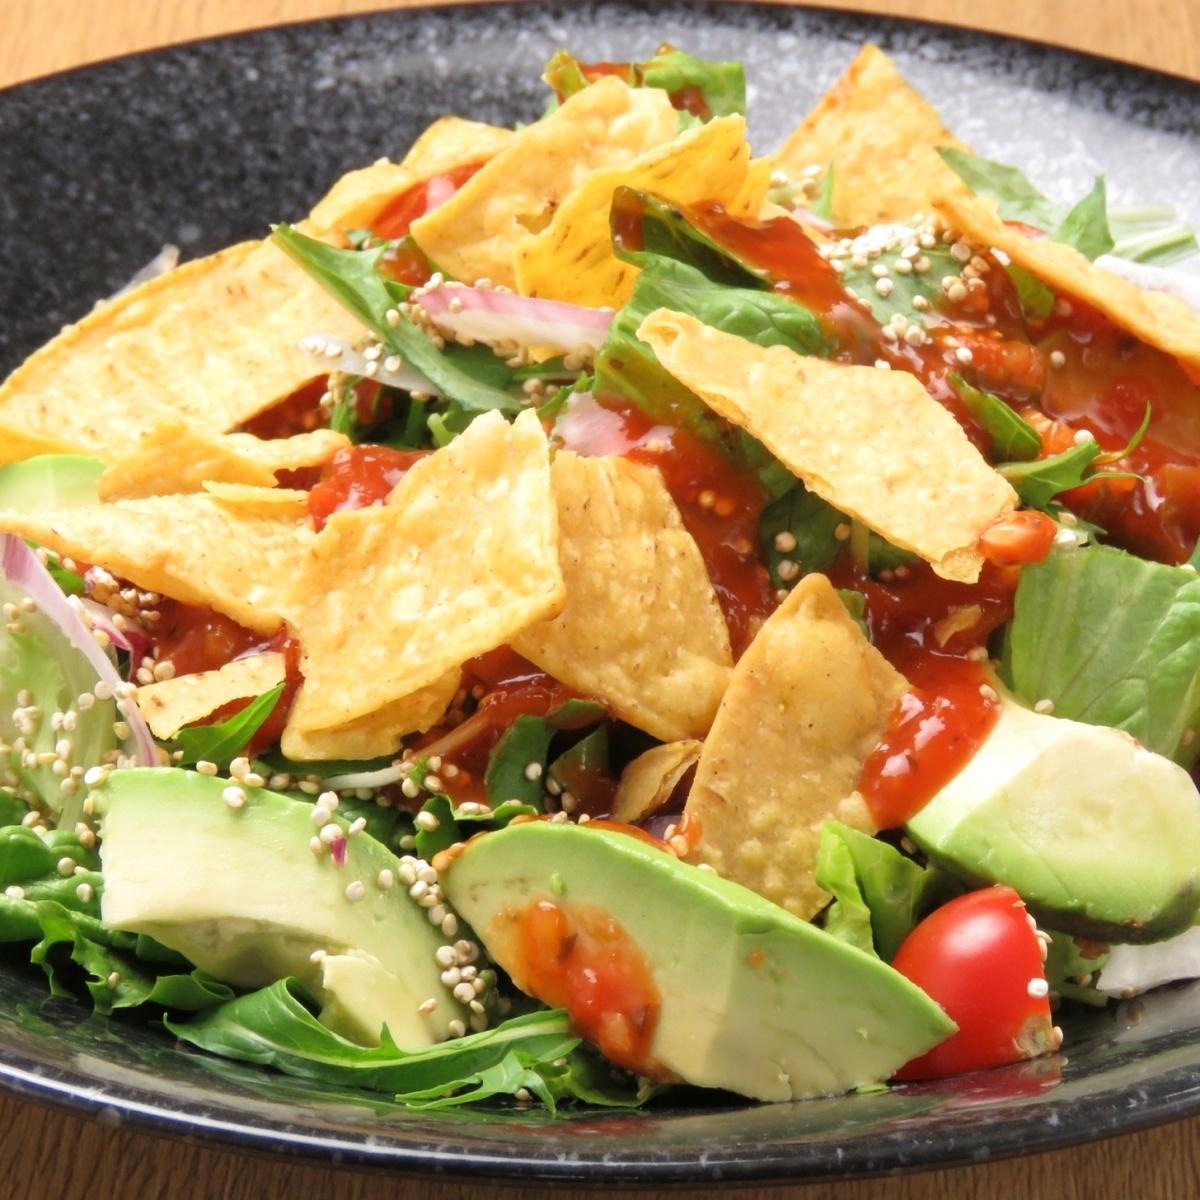 アボガドのメキシカンサラダ